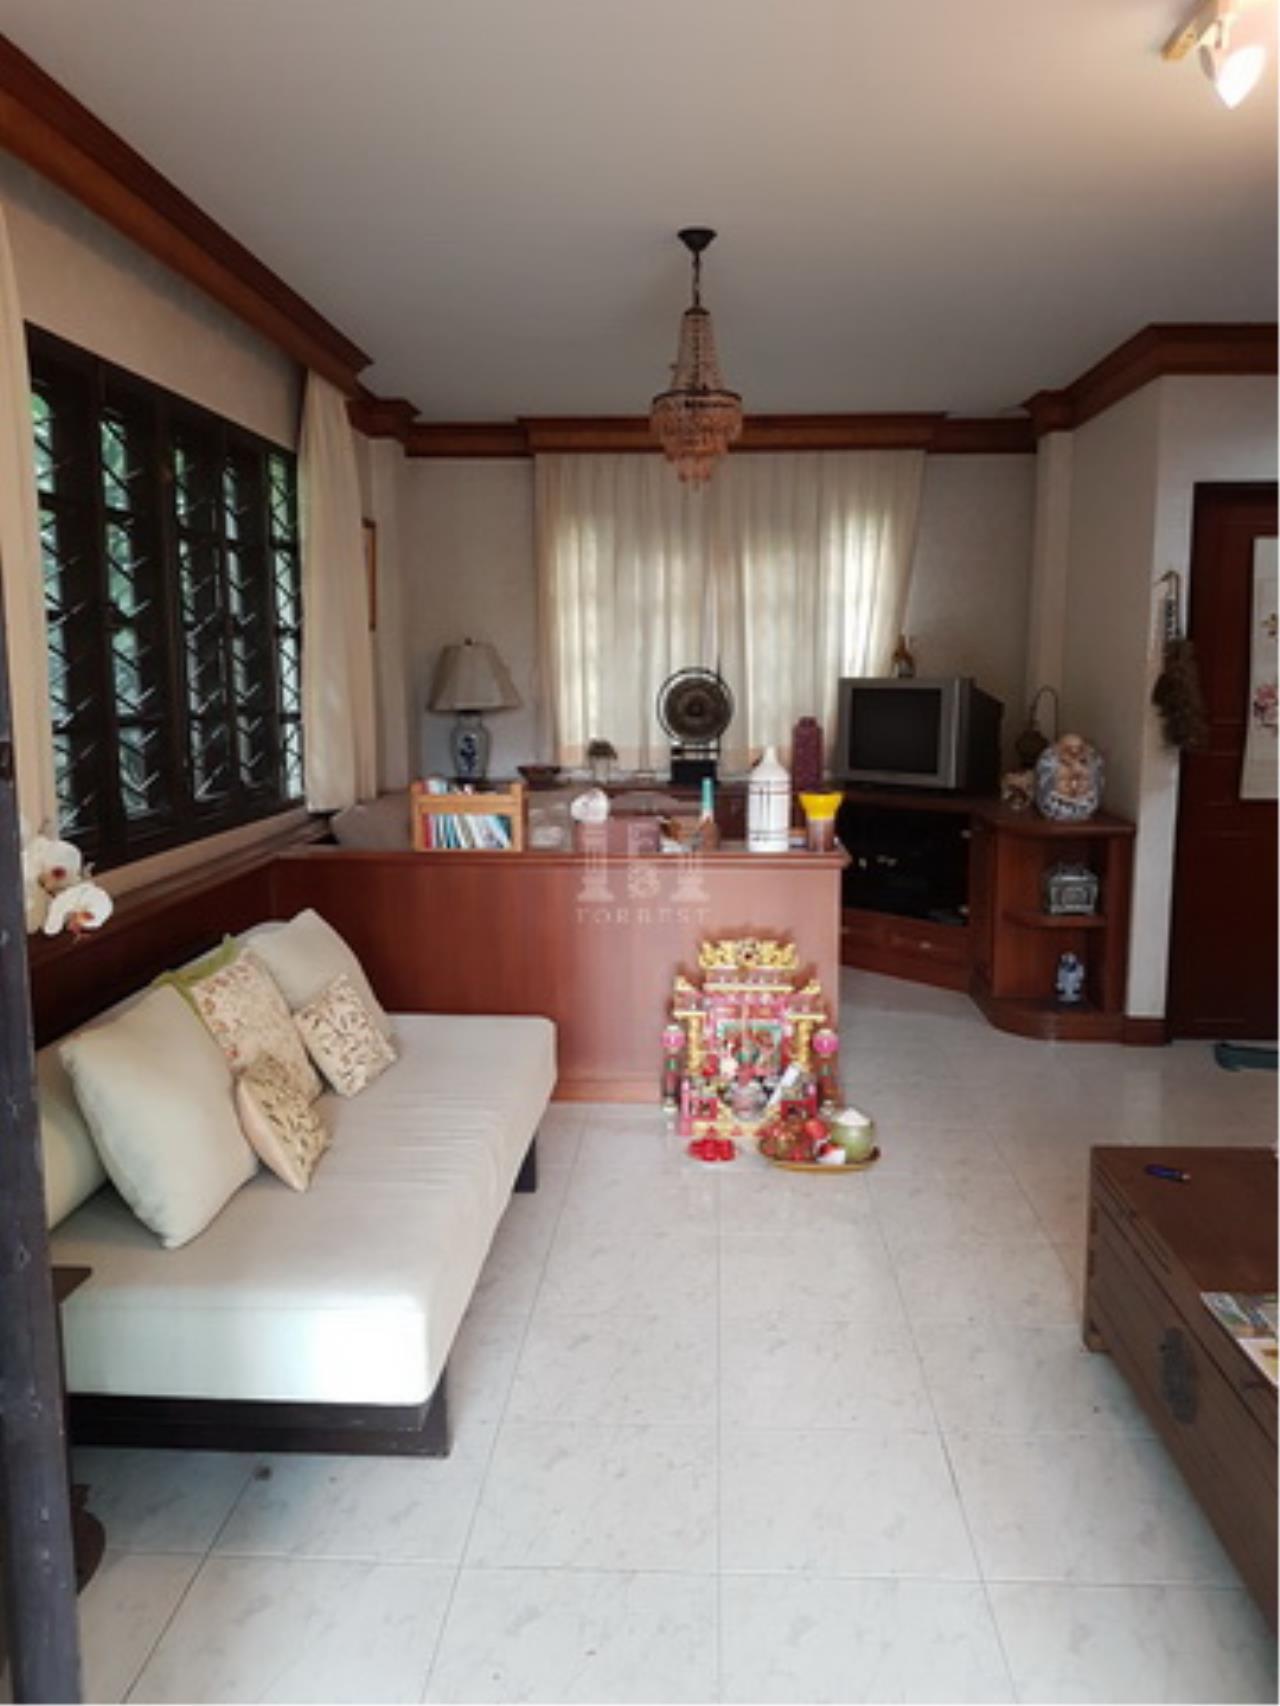 ขาย บ้าน แขวงหนองแขม เขตหนองแขม กรุงเทพมหานคร, ภาพที่ 2